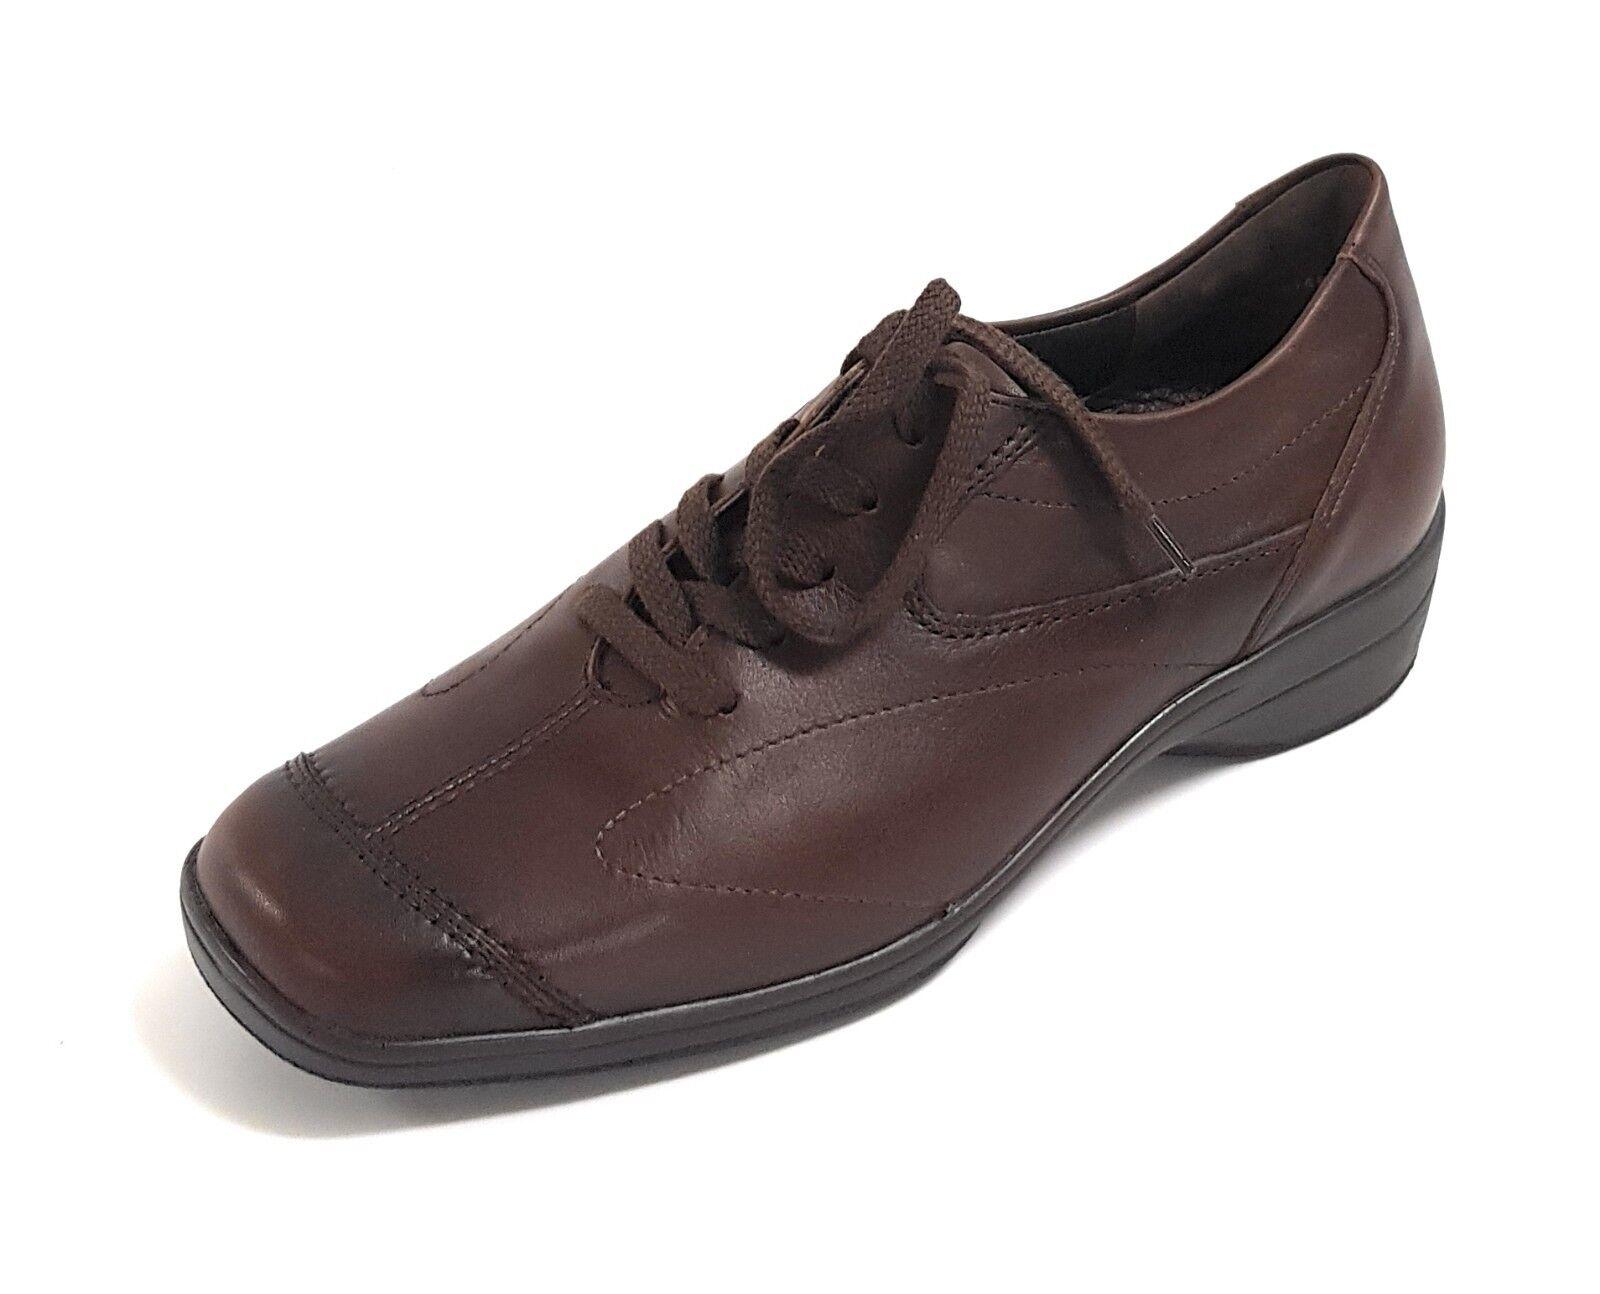 modelo más vendido de la marca Semler maja señora zapatos con cordones zapatillas zapato semi pu aire y suela